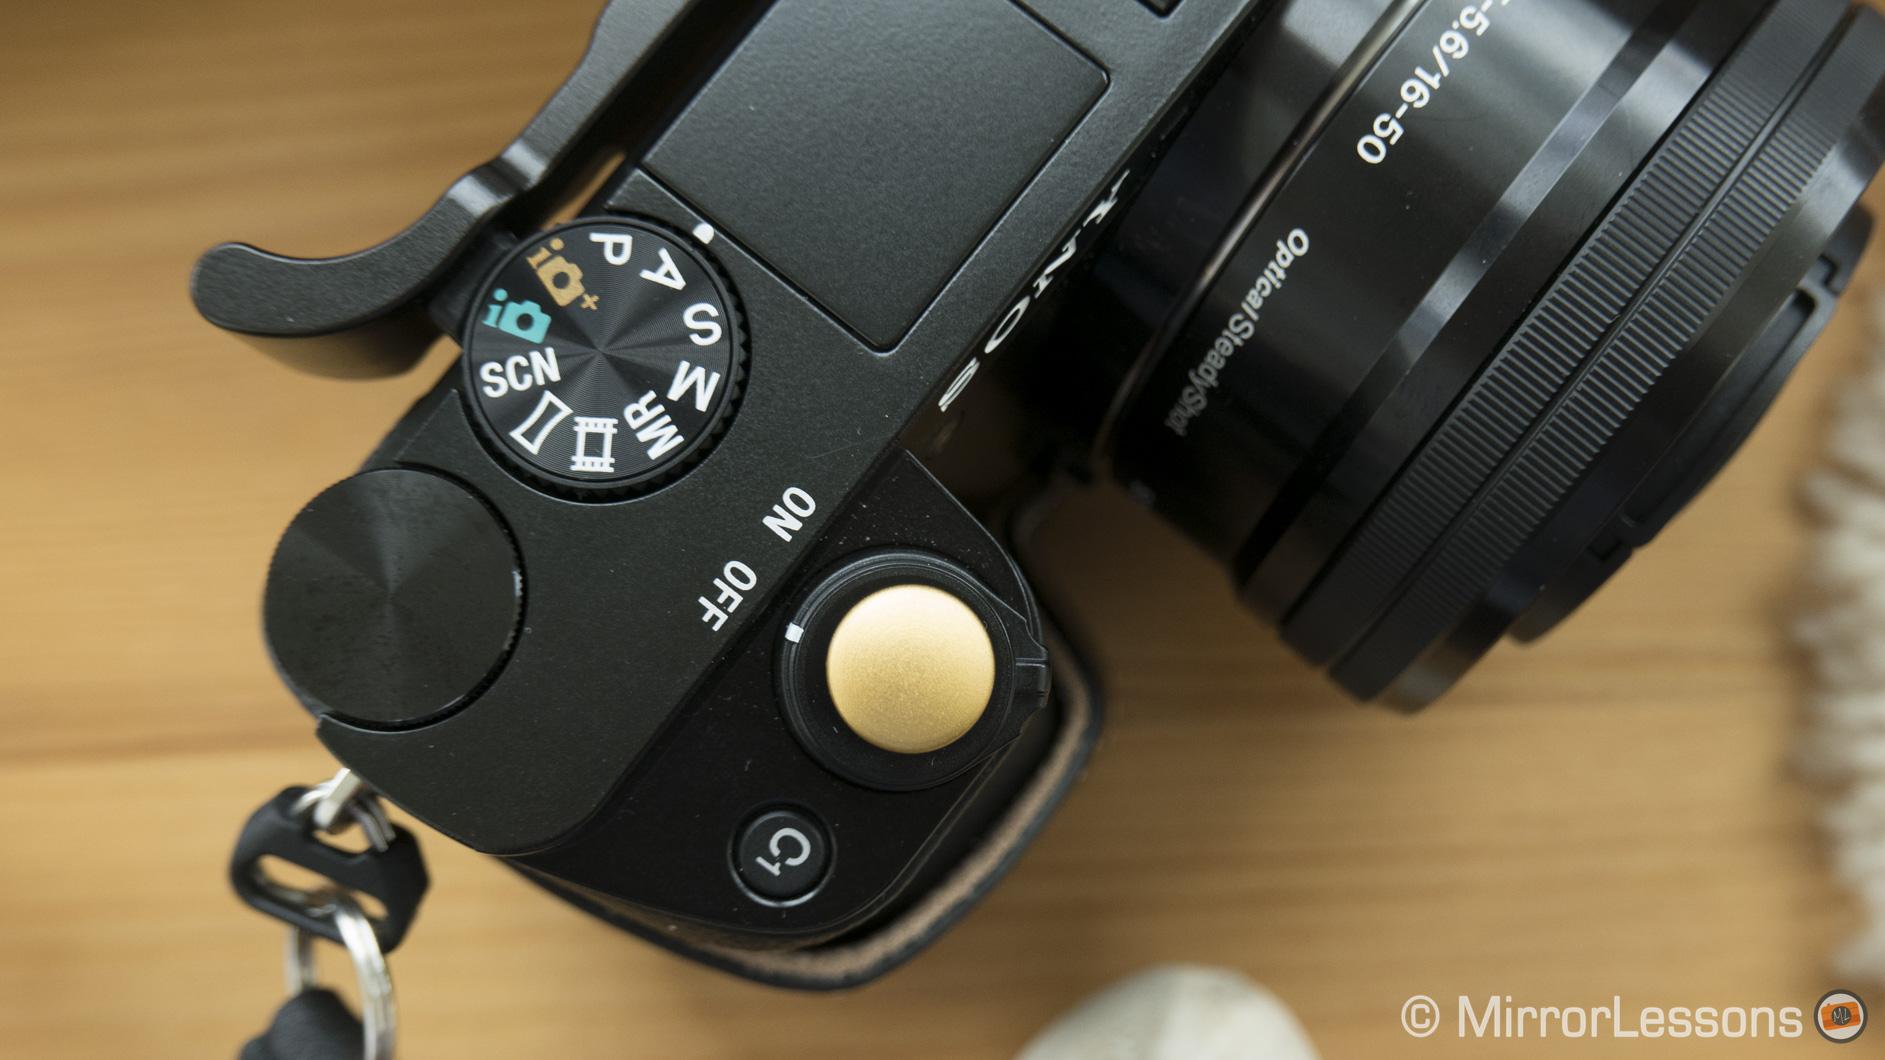 a6000 soft button